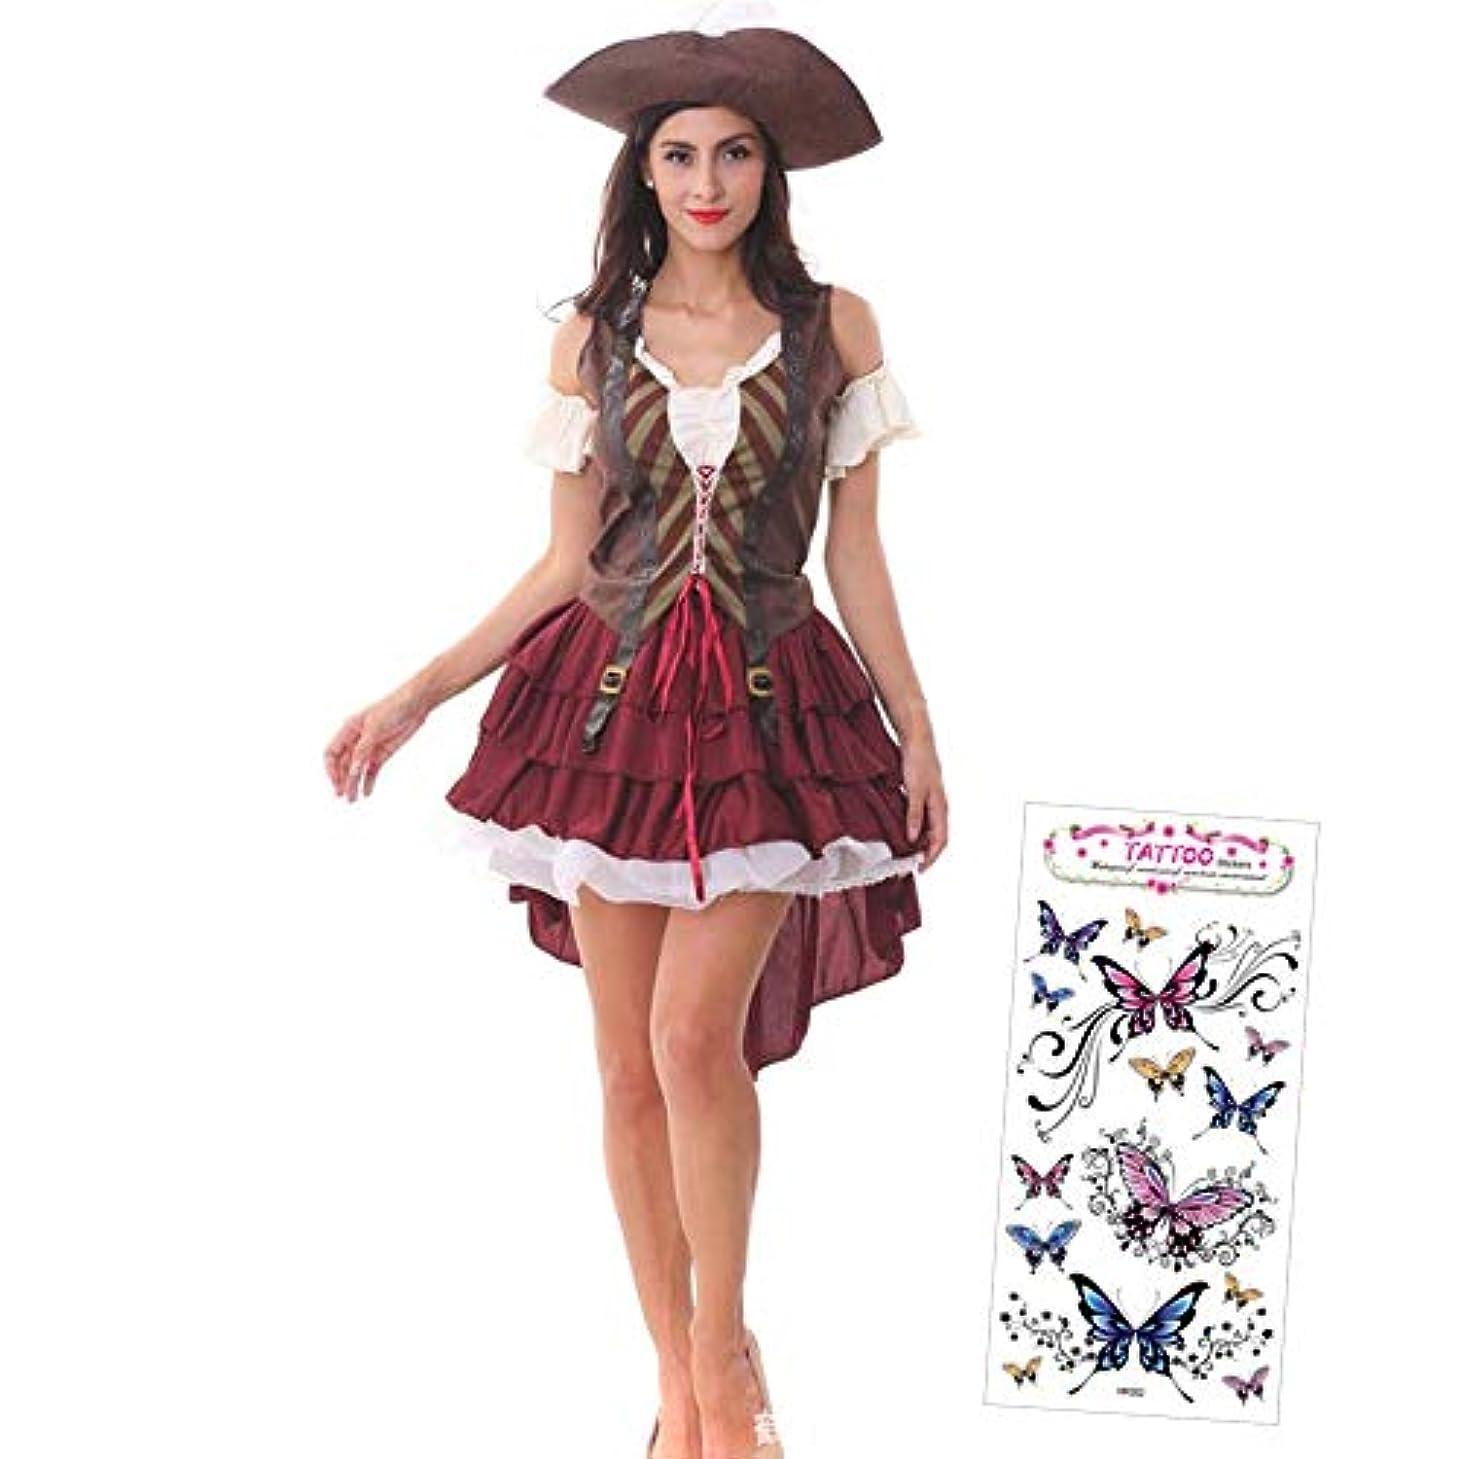 メンタリティ枯渇する昨日AuraAei 海賊 コスプレ 大人 レディース 女性 ハロウィン 大きいサイズ パイレーツ 帽子 仮装 コスチューム (タトゥーシール付き) (フリー)